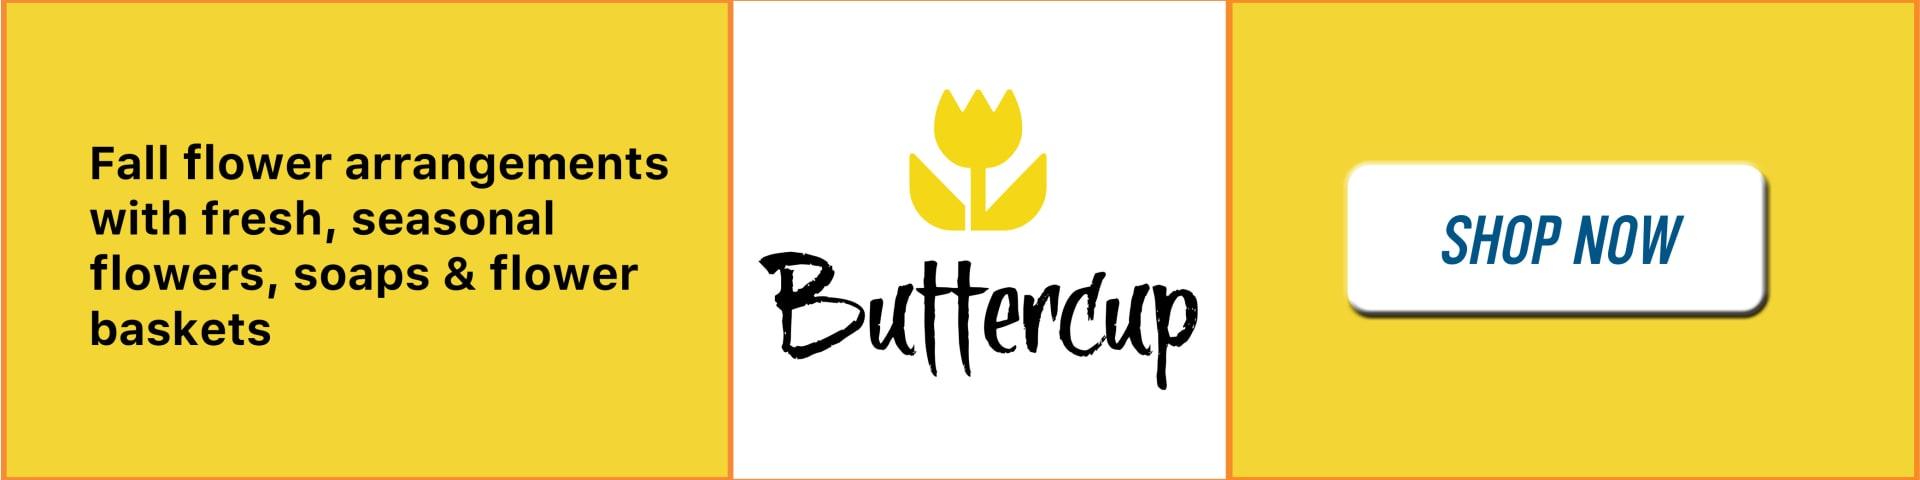 ButtercupBanner-w1920.jpg